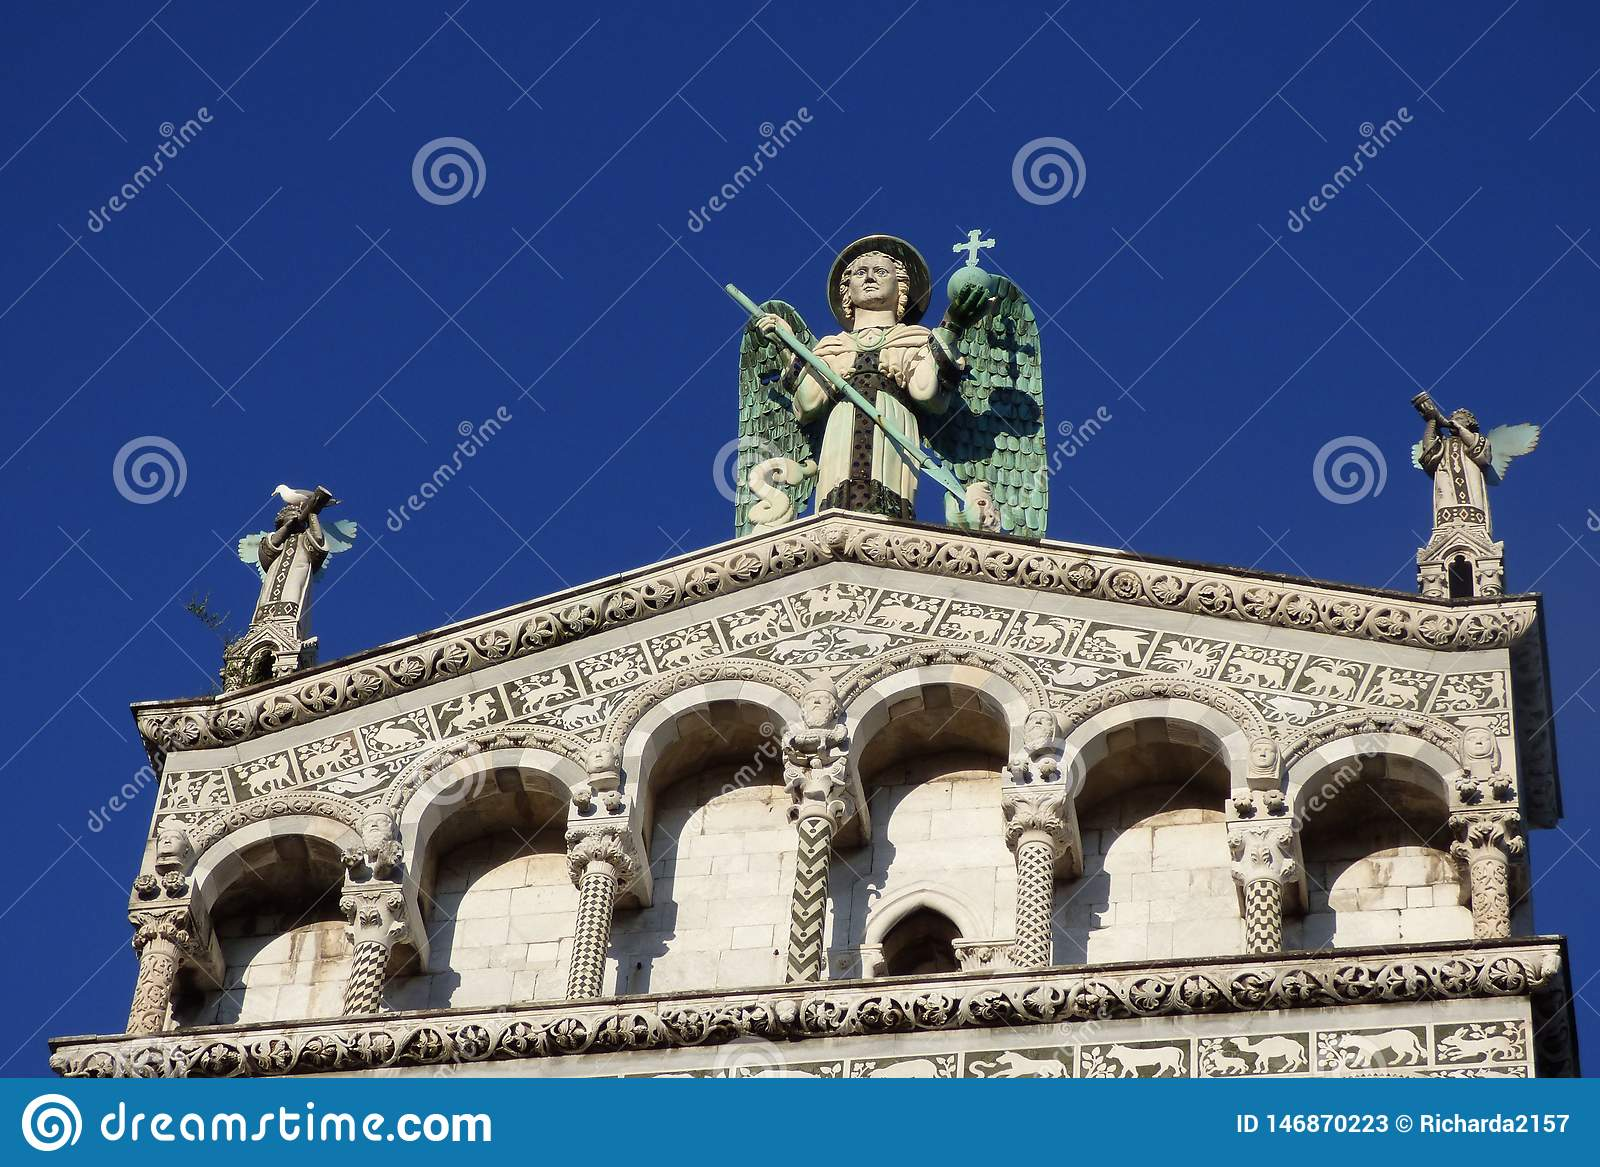 Εξέταση ανοδικός την πρόσοψη ενός καθεδρικού ναού με τα αγγελικά αγάλματα και ένα υπόβαθρο μπλε ουρανού